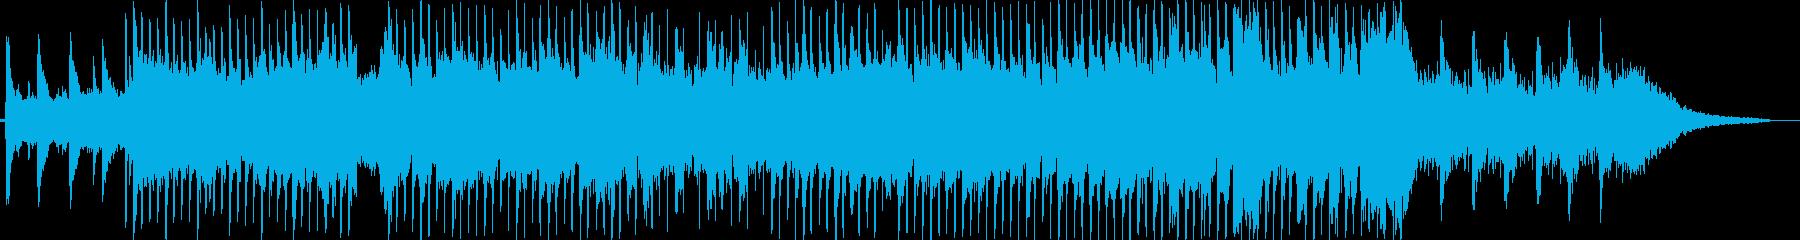 ピアノメインの神秘的な切ないチルアウトの再生済みの波形